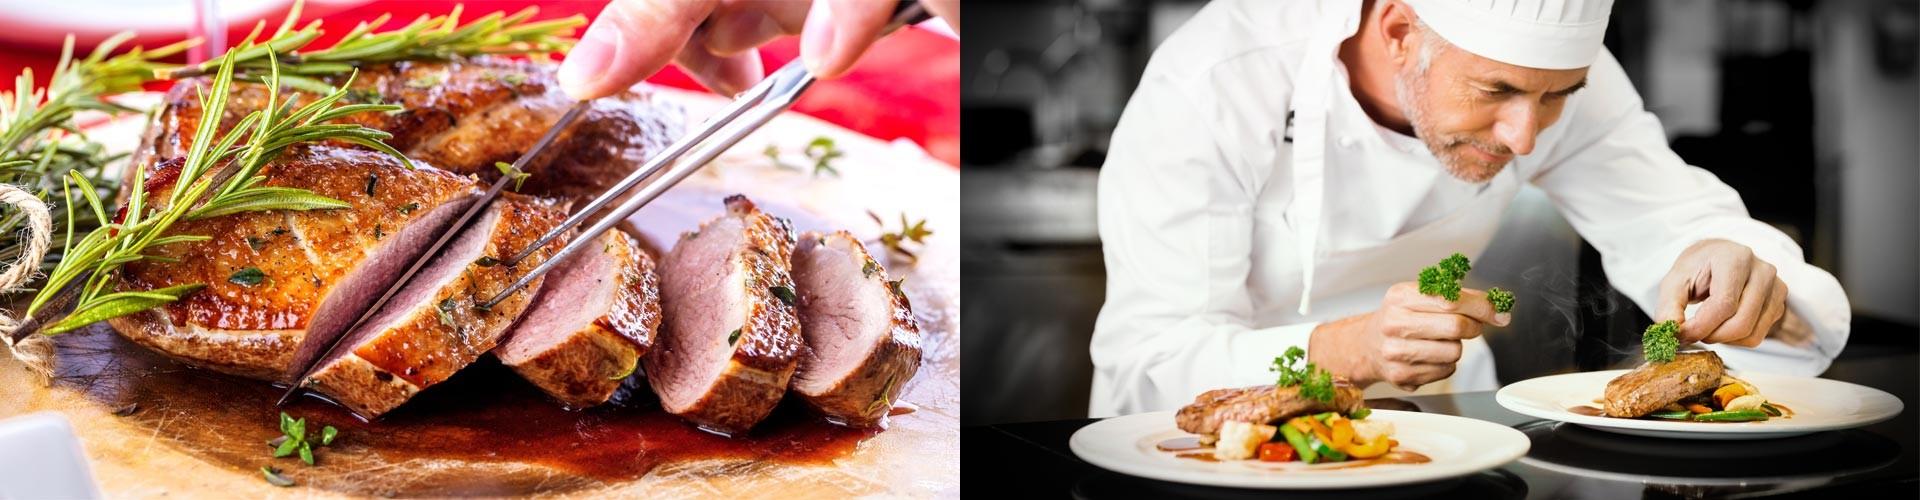 Kulinarik in Bayerischen Restaurants